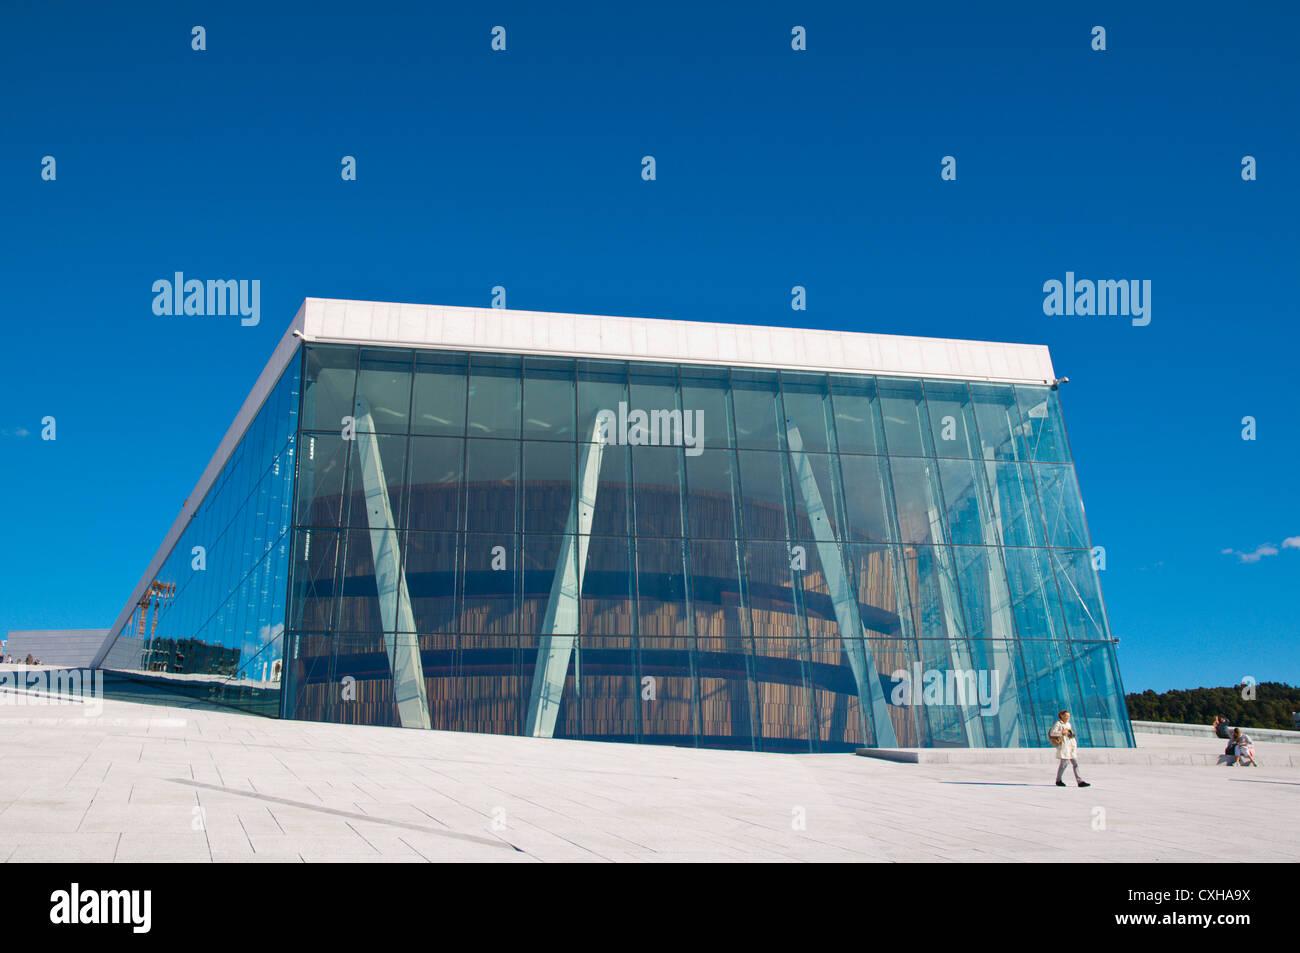 Den Norske Opera og Ballett the opera house (2007) Sentrum central Oslo Norway Europe - Stock Image